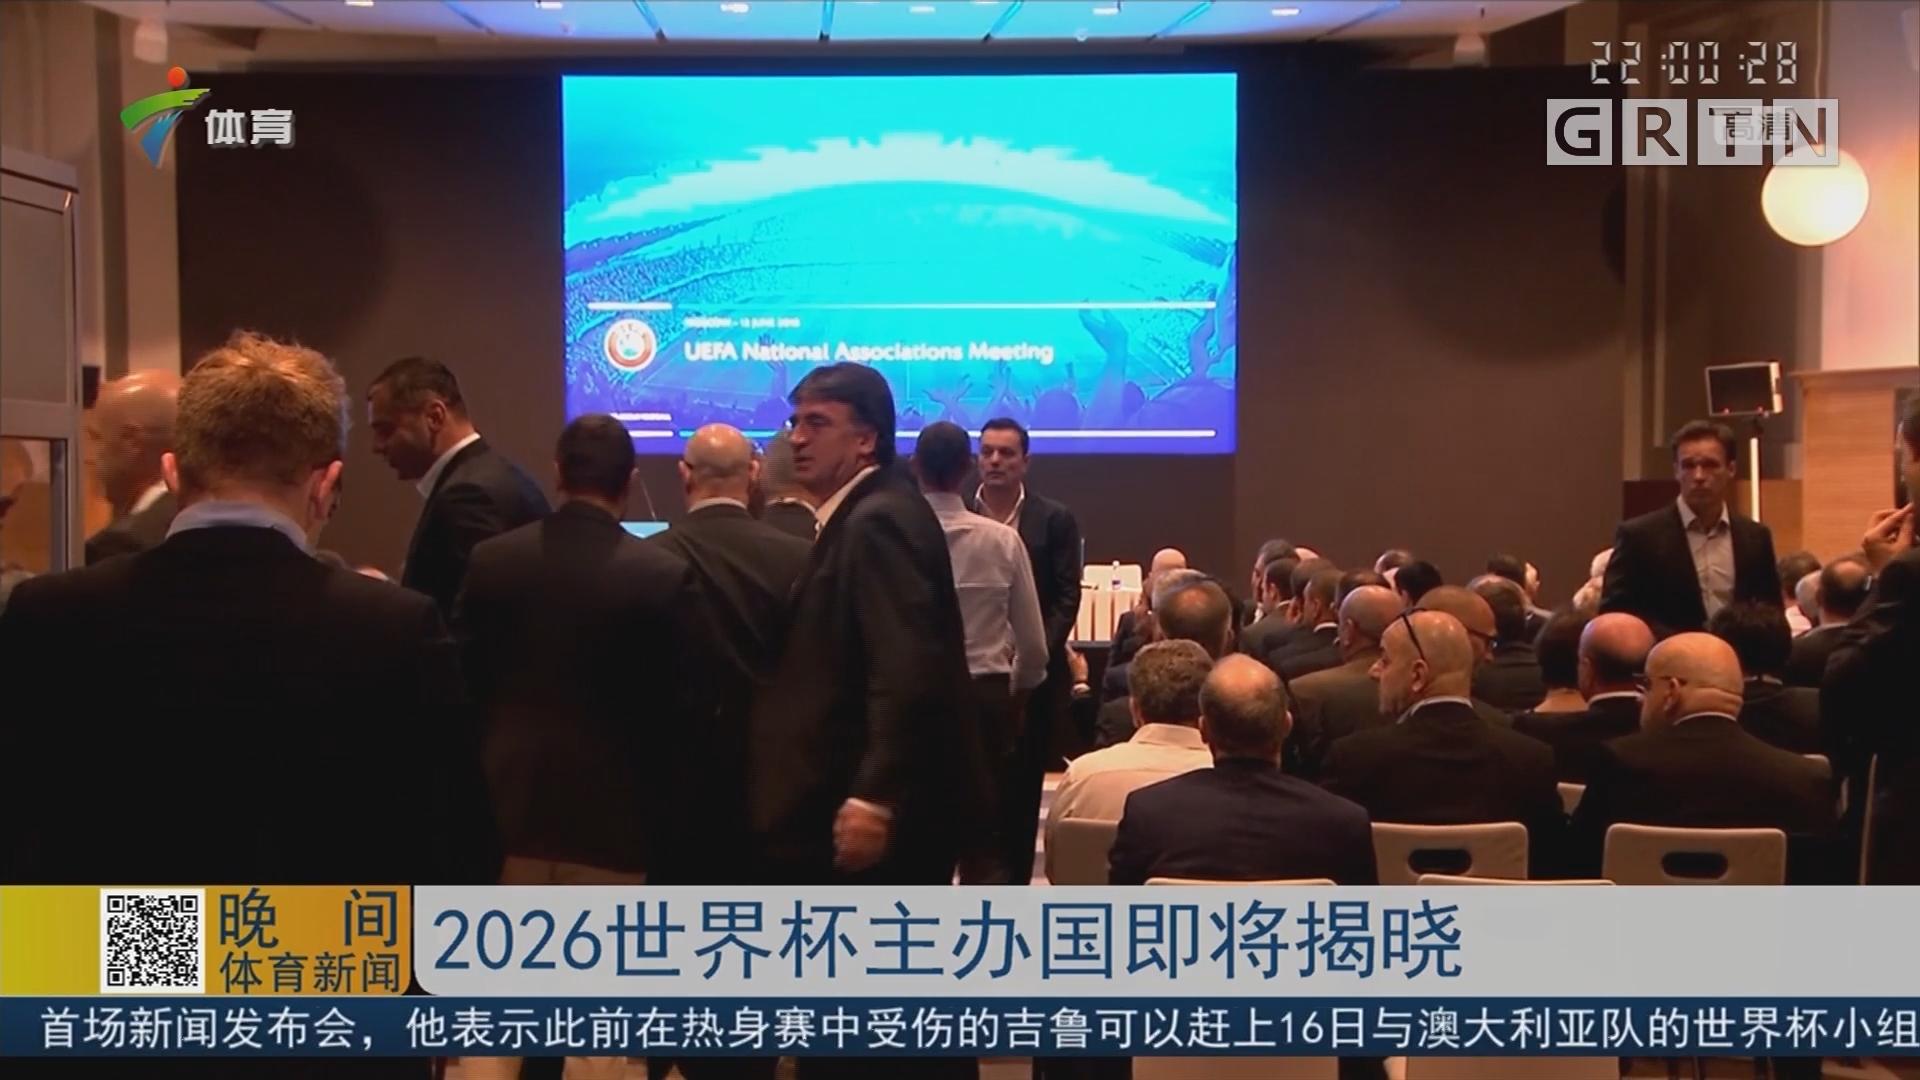 2026世界杯主办国即将揭晓